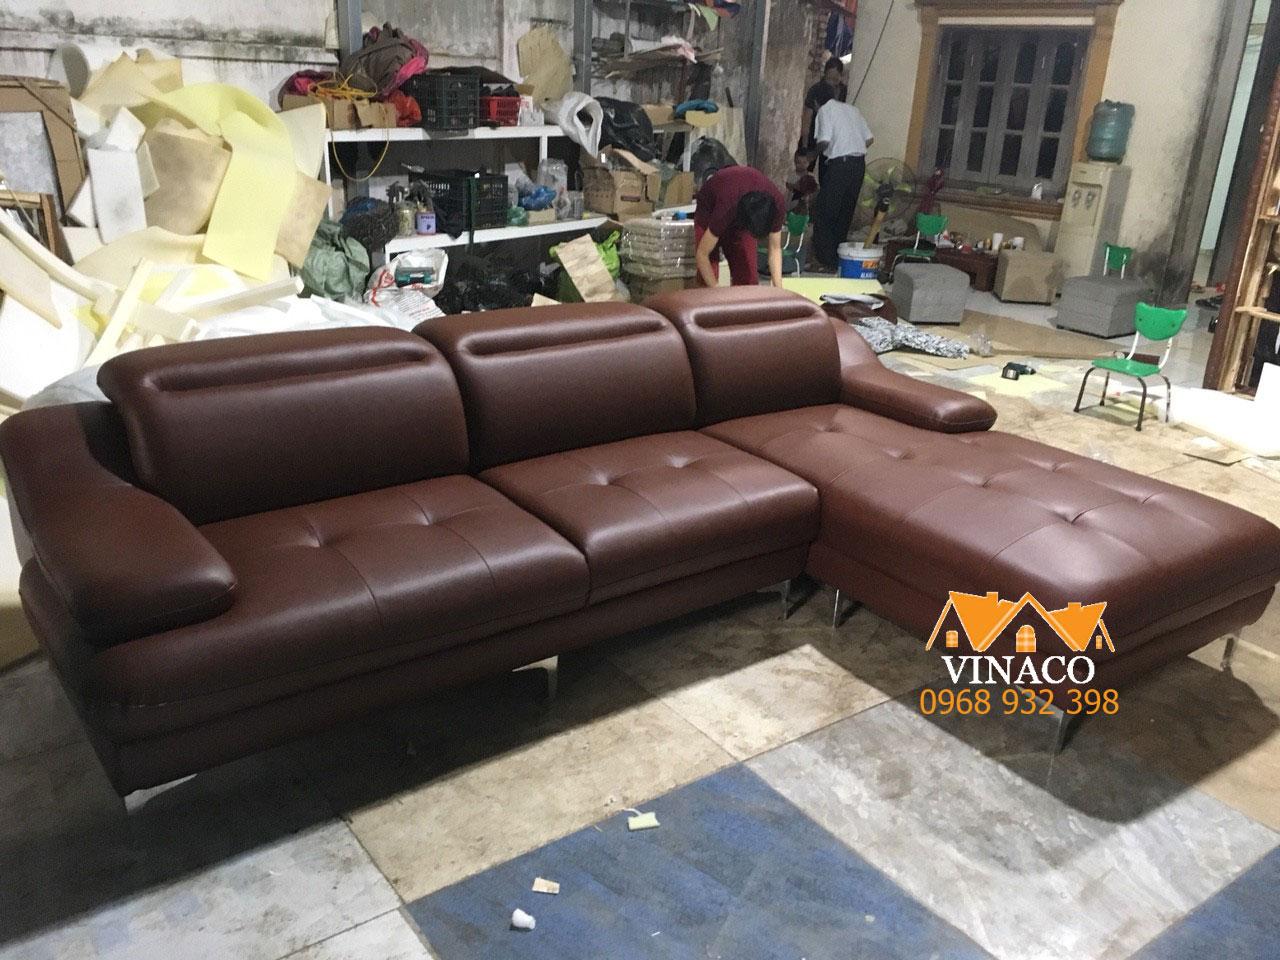 Tổng hợp những yếu tố tạo nên một chiếc ghế Sofa chất lượng